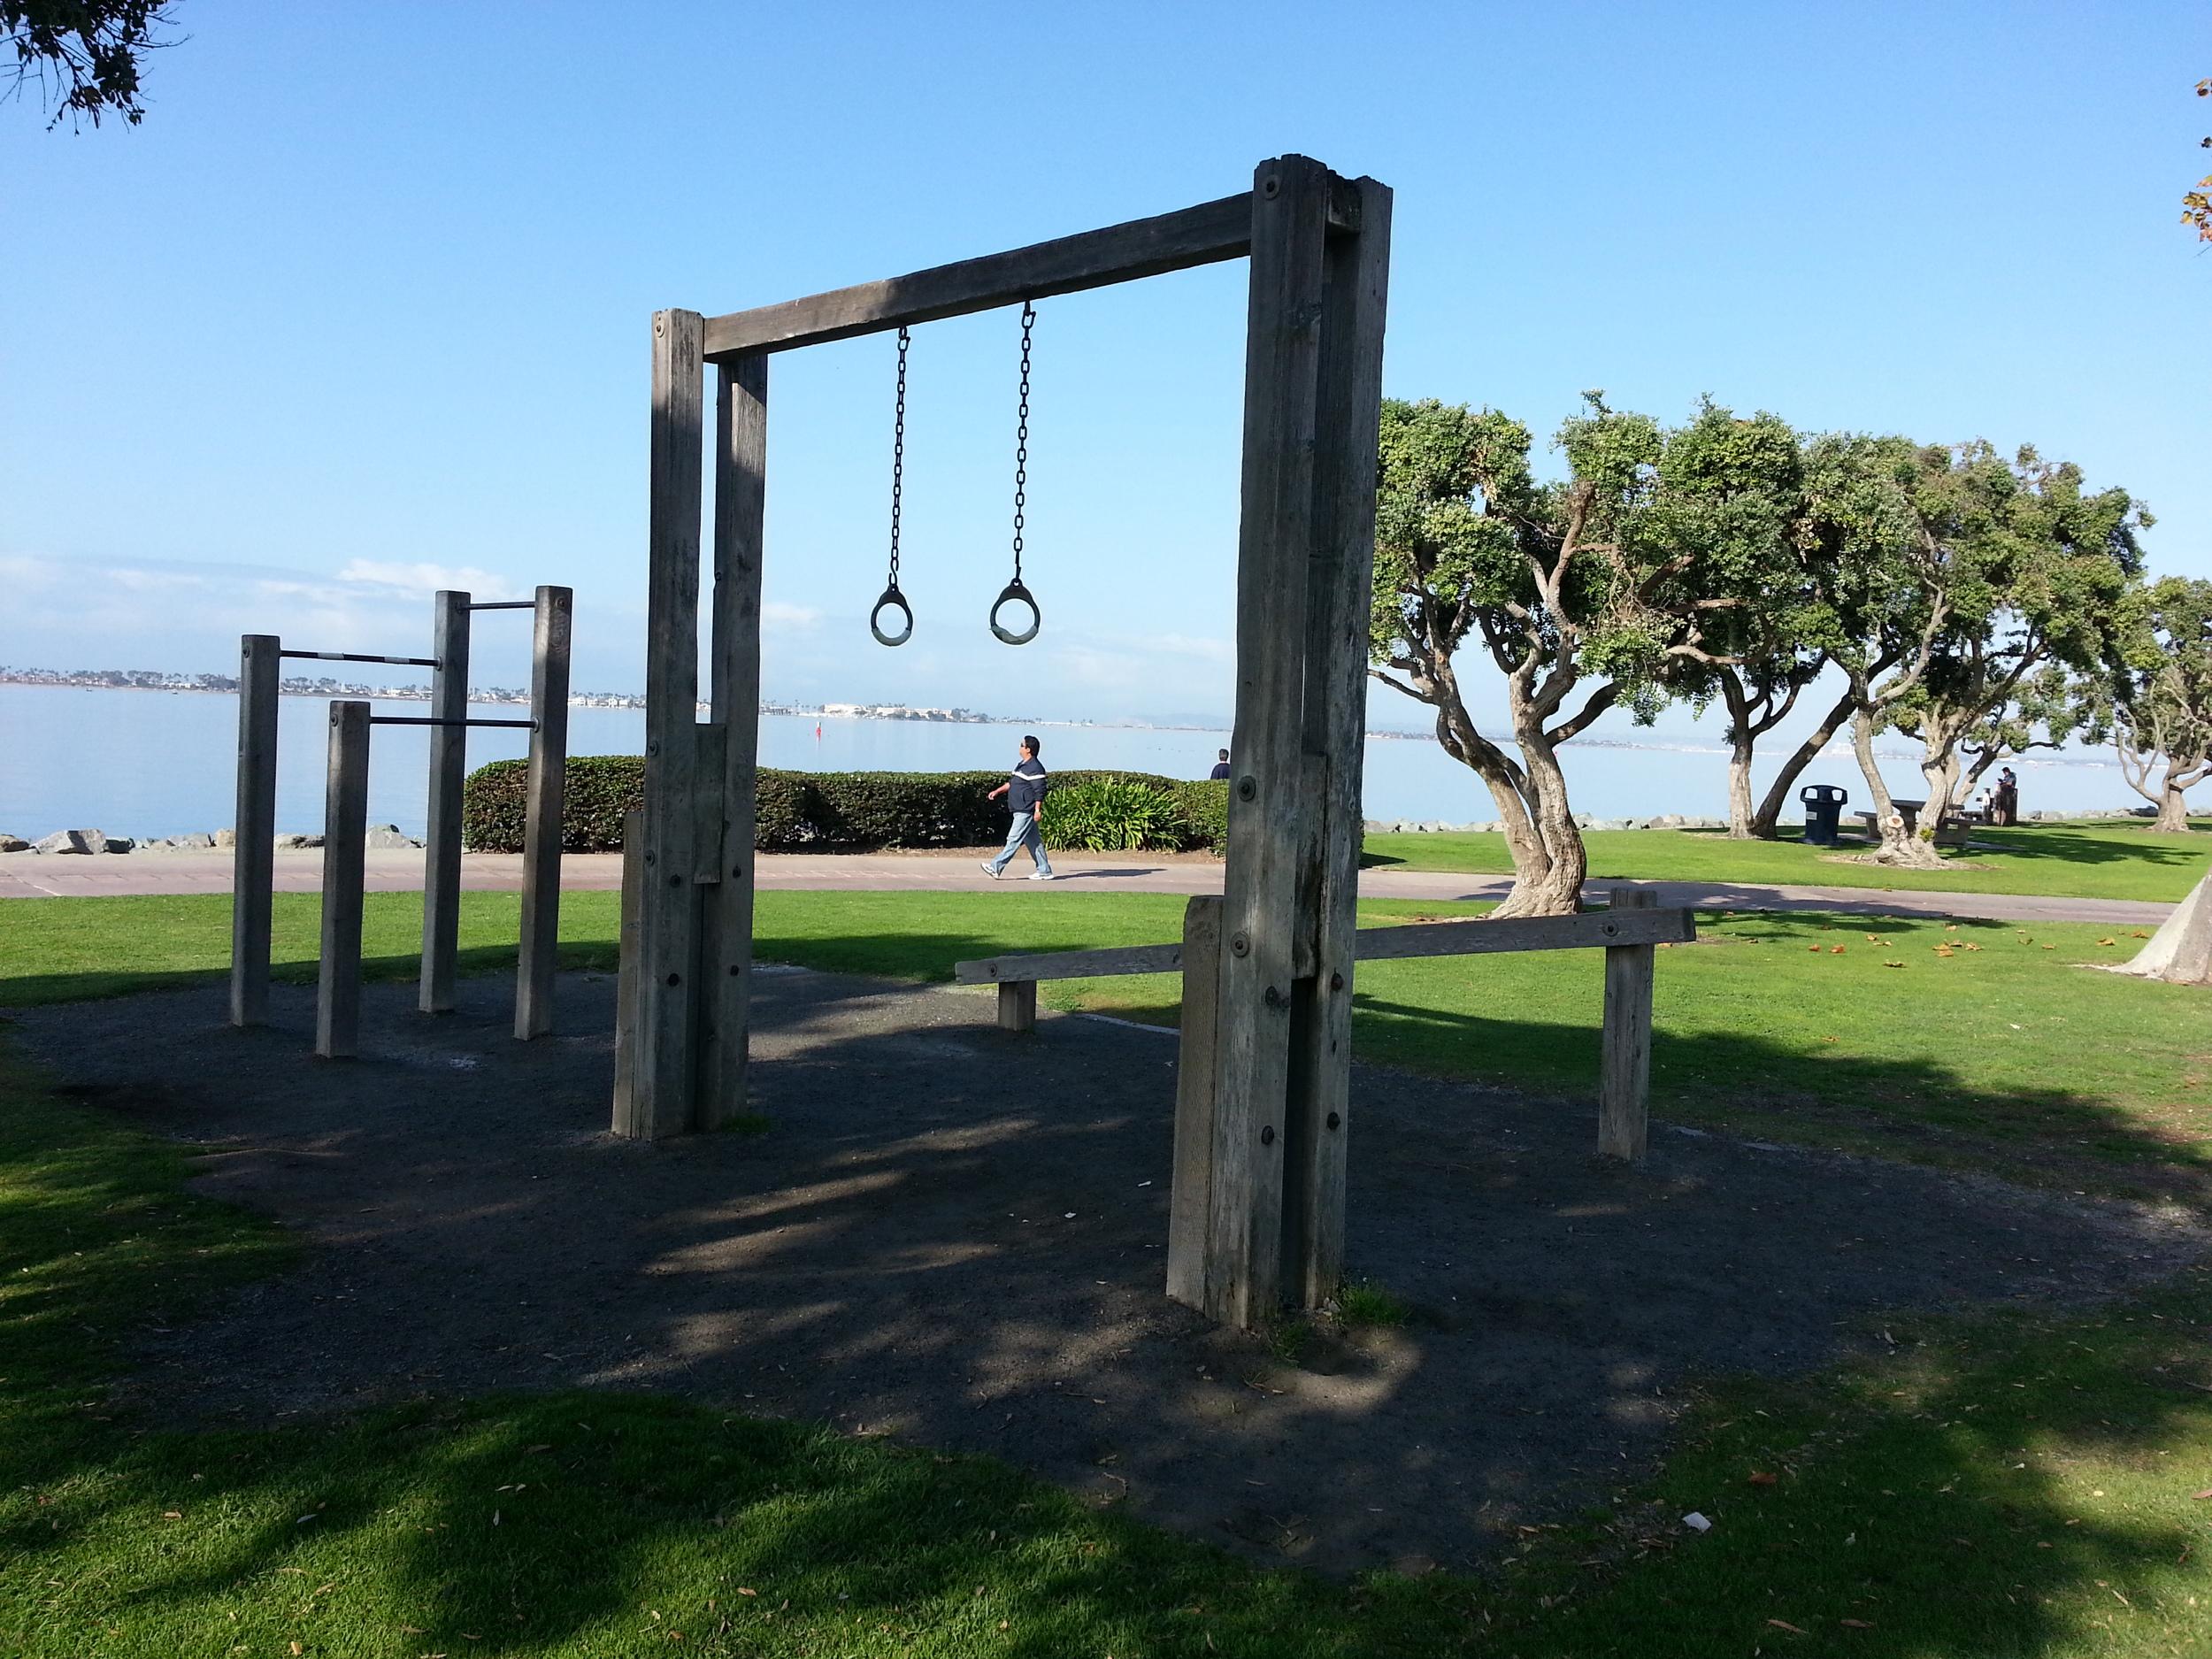 Gymnastic Rings in San Diego